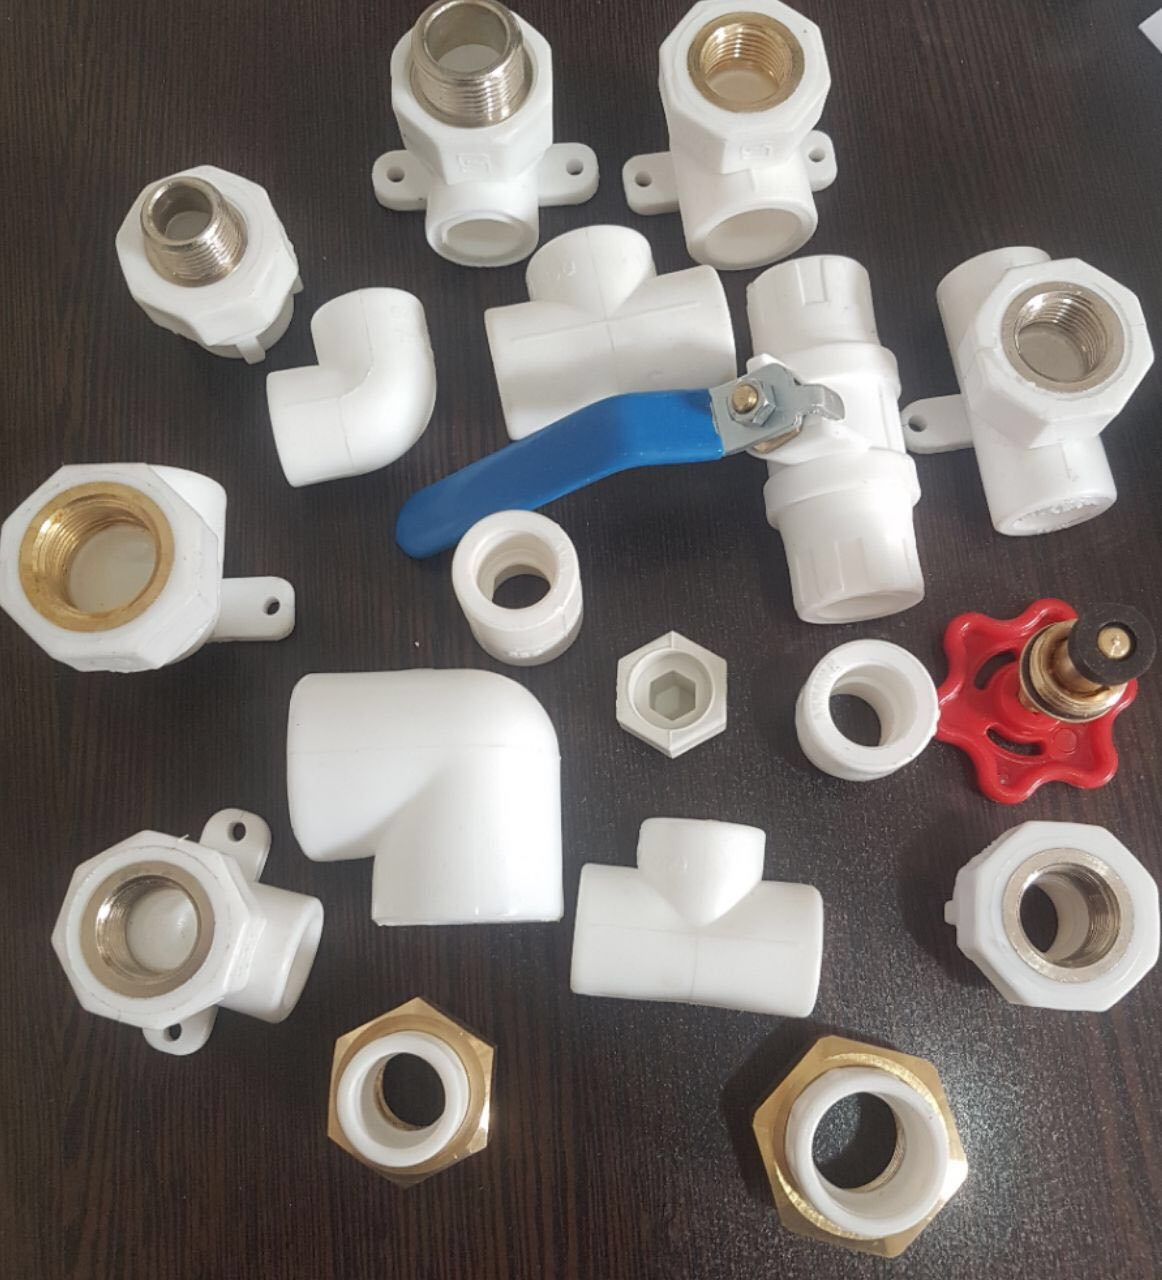 اتصالات پلی پروپیلن pp از مواد اولیه پلی پروپیلن ( Polypropylene ) تهیه و تولید می شود.چیدمان شیمیایی منحصر به فرد پلی پروپیلن بسیار با کیفیت بوده به همین دلیل بدون شک یکی از پر قدرت ترین پلیمرها در صنعت پلاستیک بر شمرده شد است. استفاده از پلی پروپیلن به دلیل عدم ترک خوردگی و انعطاف بالا باعث شده محصولاتی که از این پلیمر تولید می شود در بسیاری از صنایع به کار گرفته شده و توسعه تولیدات آن بسیار روز افزون شود. لوله پلی پروپیلن و اتصالات پلی پروپیلن به دلیل سرعت بالا در اجرای لوله کشی و سهولت کار به سرعت جای لوله و اتصالات گالوانیزه را در صنعت ساختمان گرفته و نزد تمامی لوله کشها بسیار مهبوب شده است.